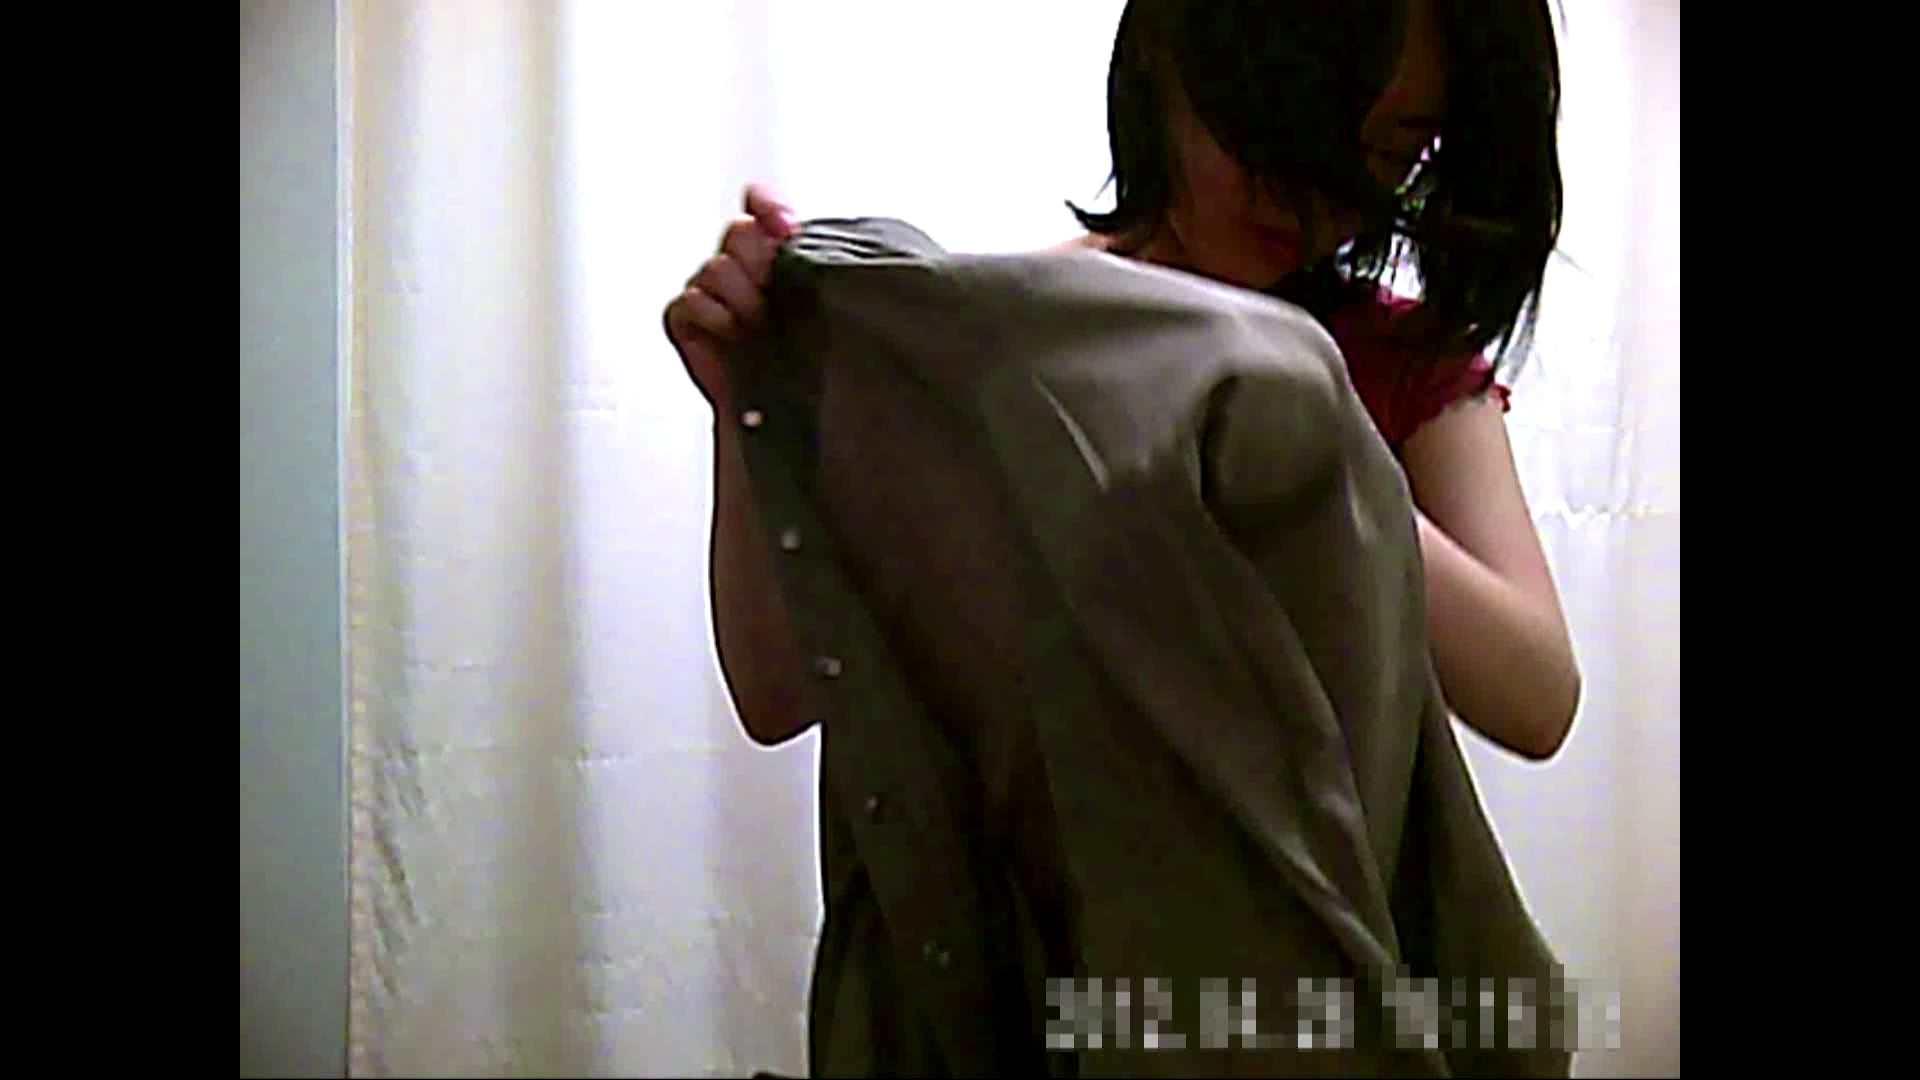 元医者による反抗 更衣室地獄絵巻 vol.004 OLの実態 | 0  37pic 33